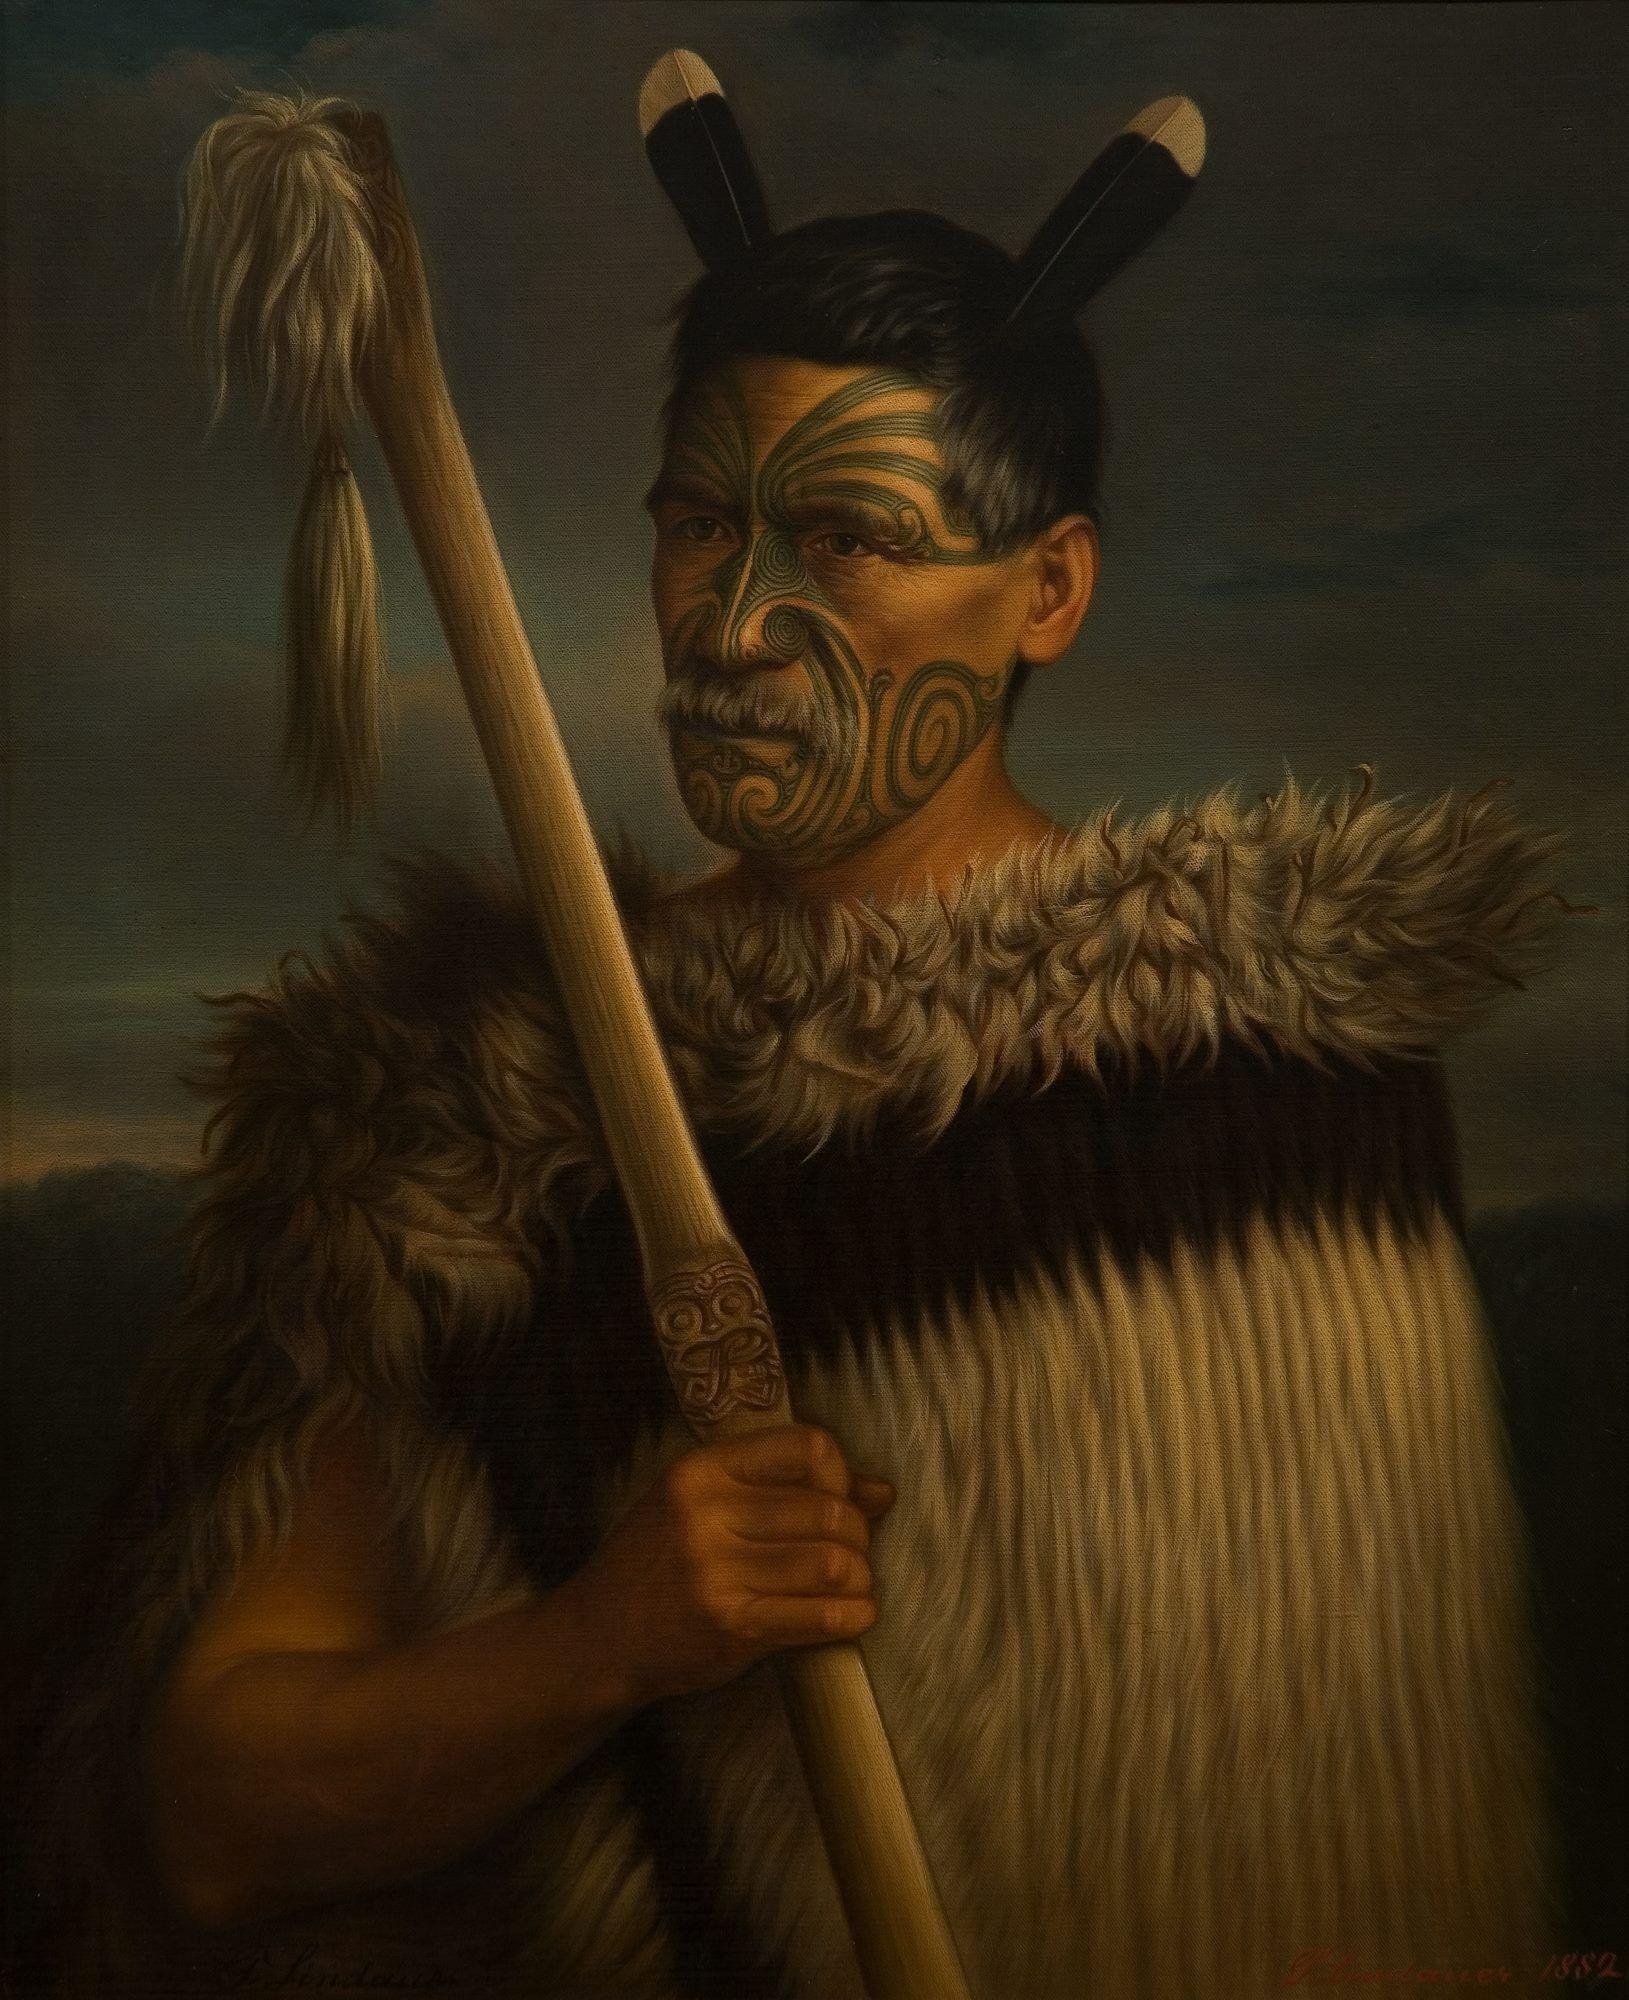 ¿Quiénes son los aborígenes de Nueva Zelada?